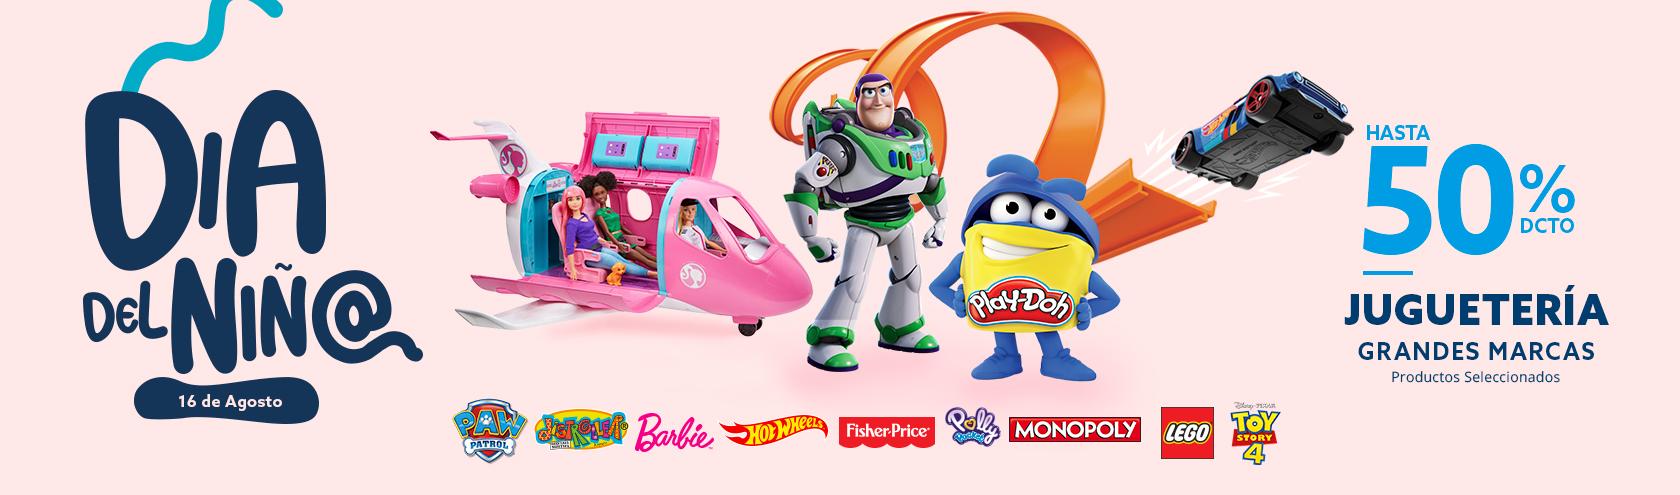 Hasta 40 porciento de descuento en jugueteria, grandes marcas